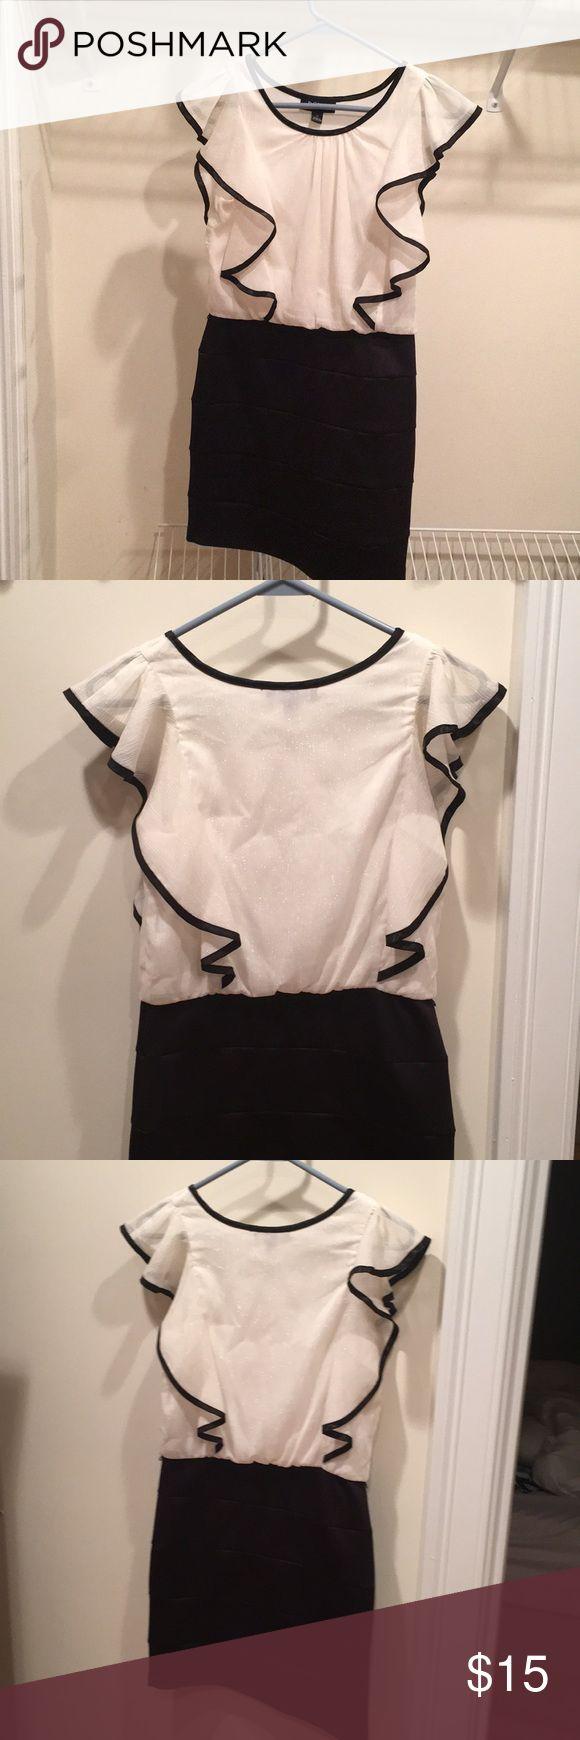 Black and white BCX girl dress. Girls 14 Girls size 14 black and white formal dress. BCX girl Dresses Formal